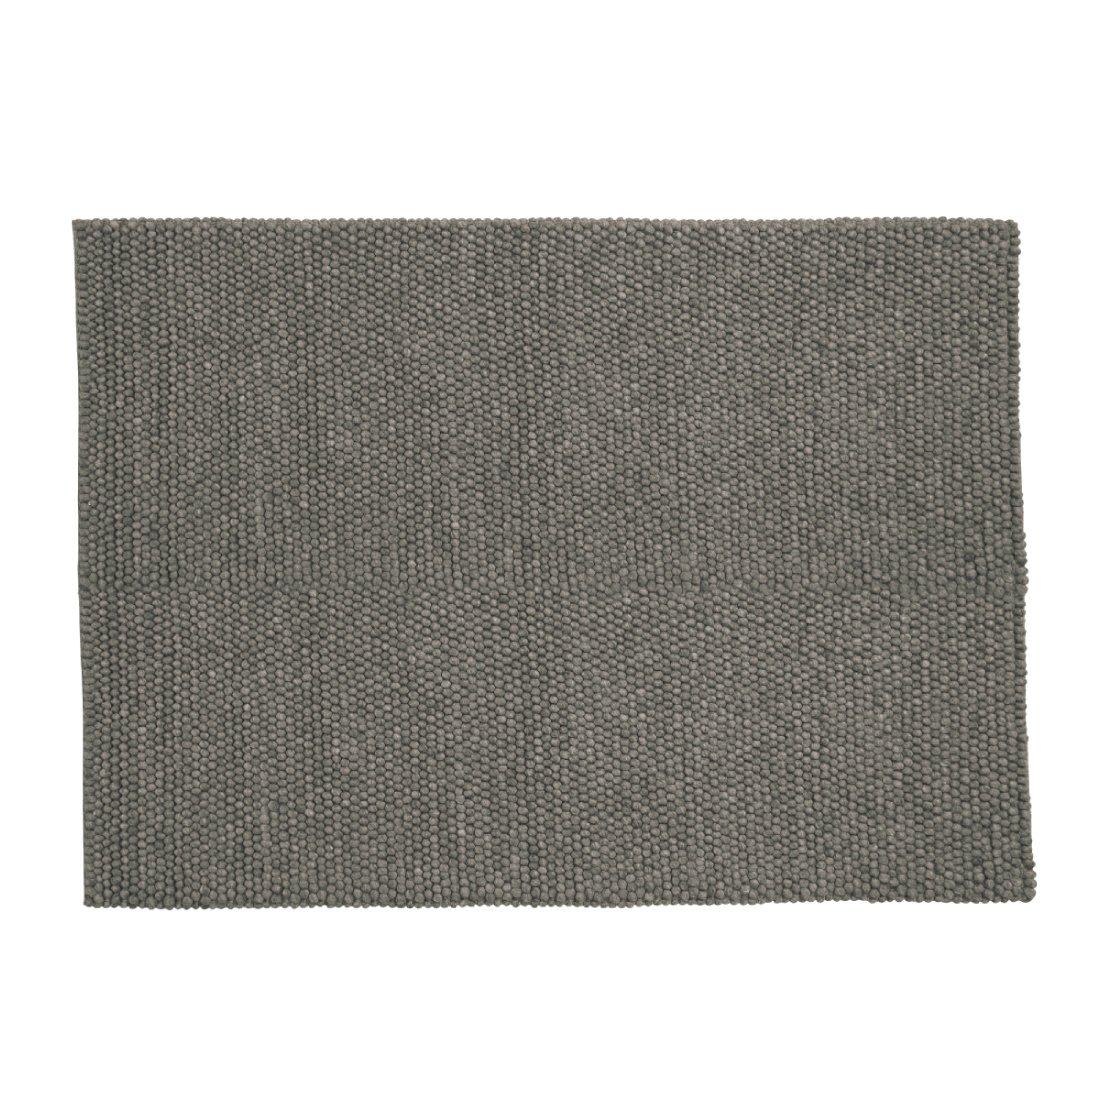 HAY Peas Karpet Vloerkleed Donker Grijs 170 x 240 cm